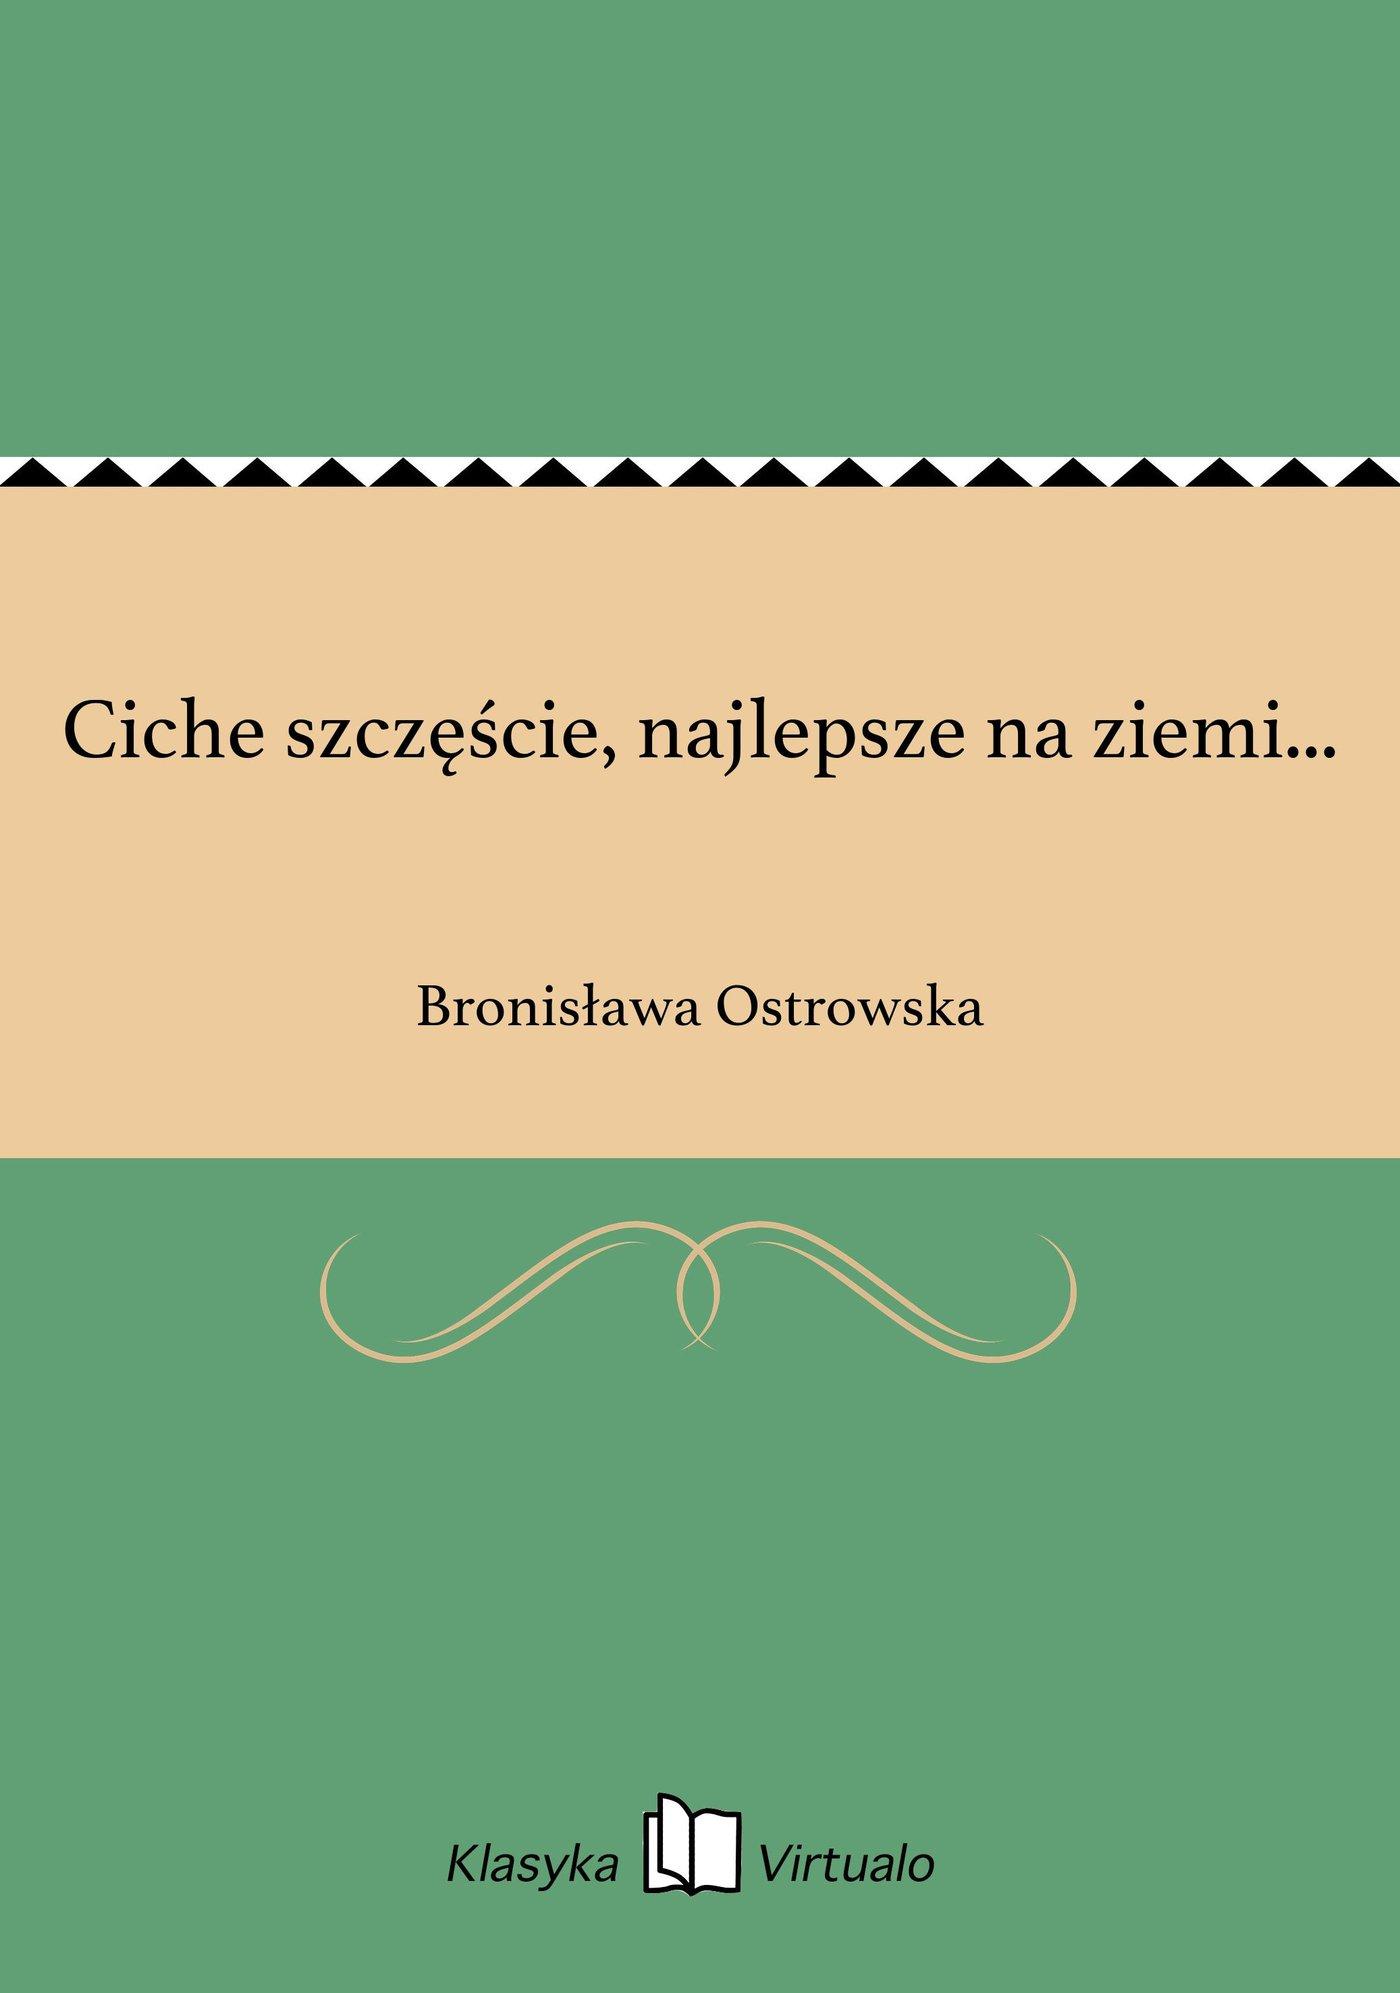 Ciche szczęście, najlepsze na ziemi... - Ebook (Książka EPUB) do pobrania w formacie EPUB